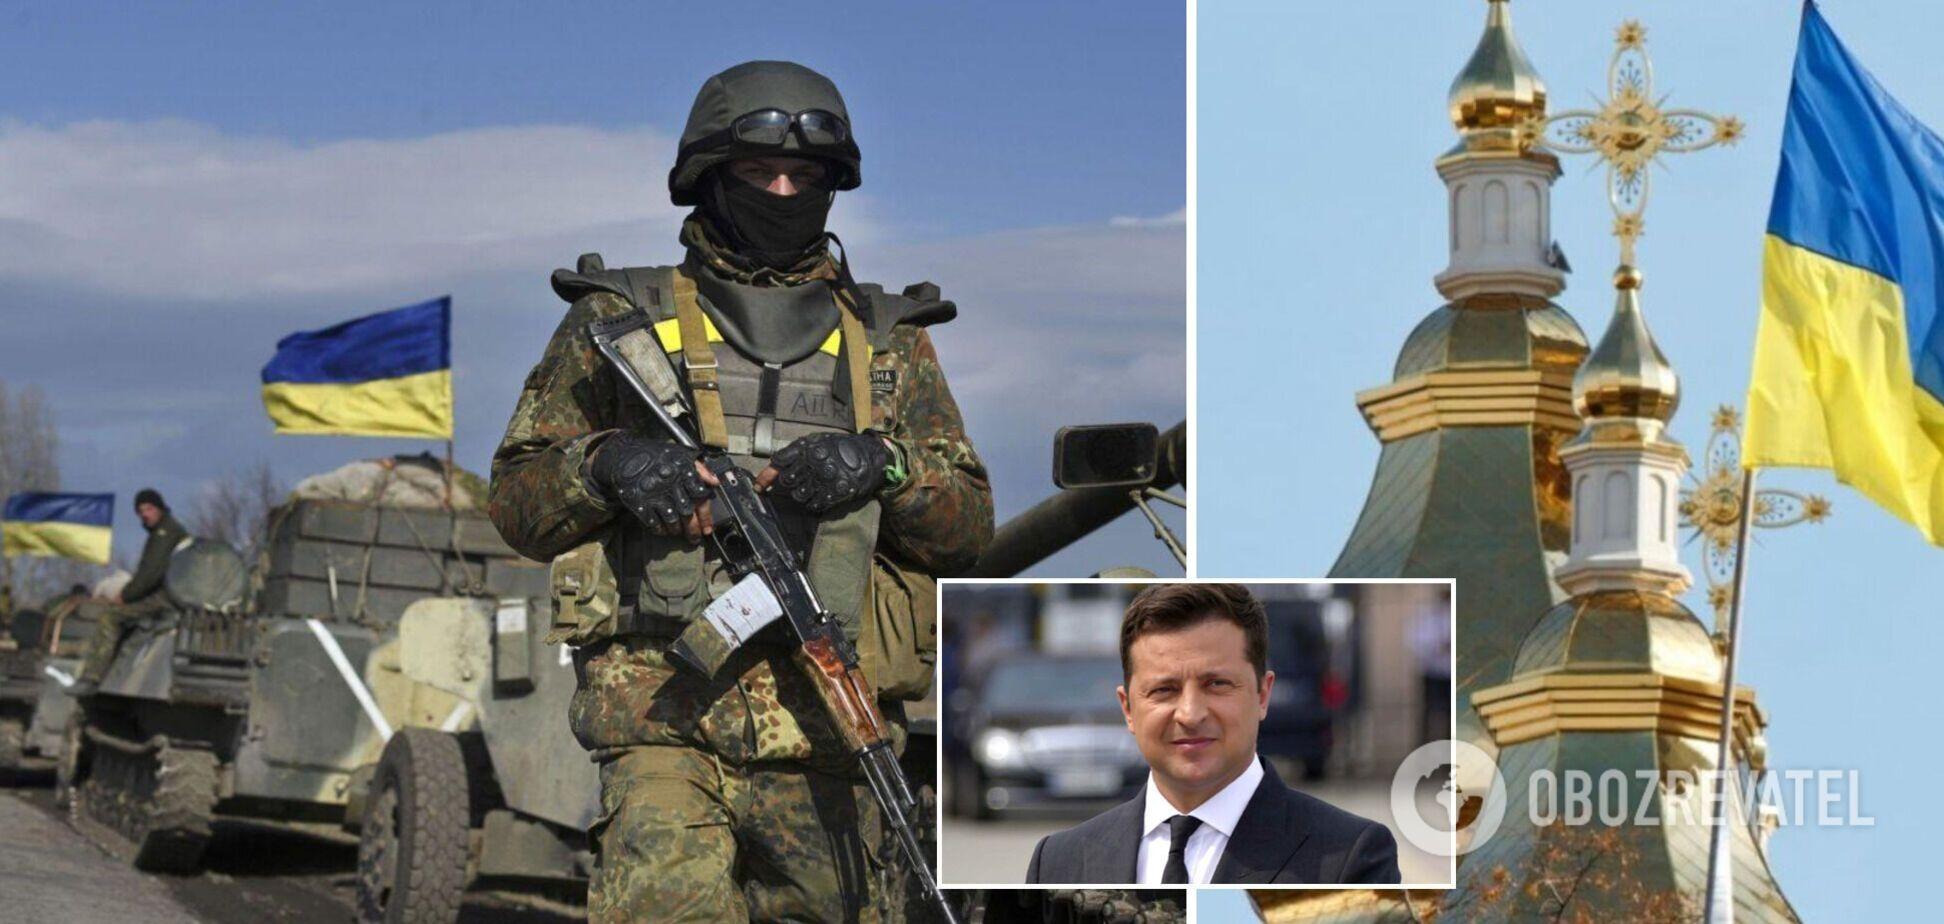 ЗСУ, політики, волонтери чи церква: соціологи з'ясували, кому найбільше довіряють українці